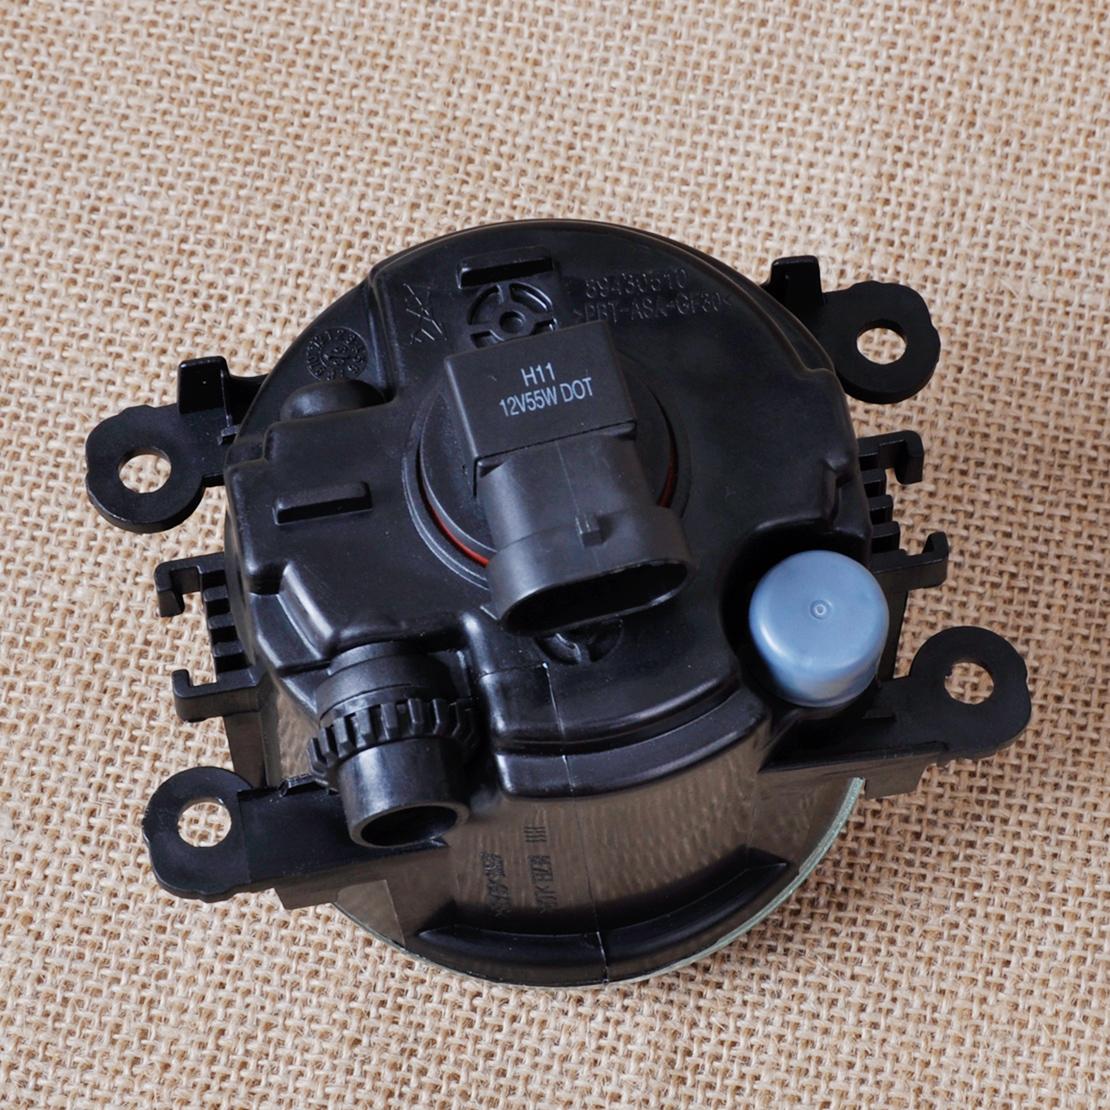 2 nebelscheinwerfer tagfahrlicht mit kabelbaum schalter. Black Bedroom Furniture Sets. Home Design Ideas